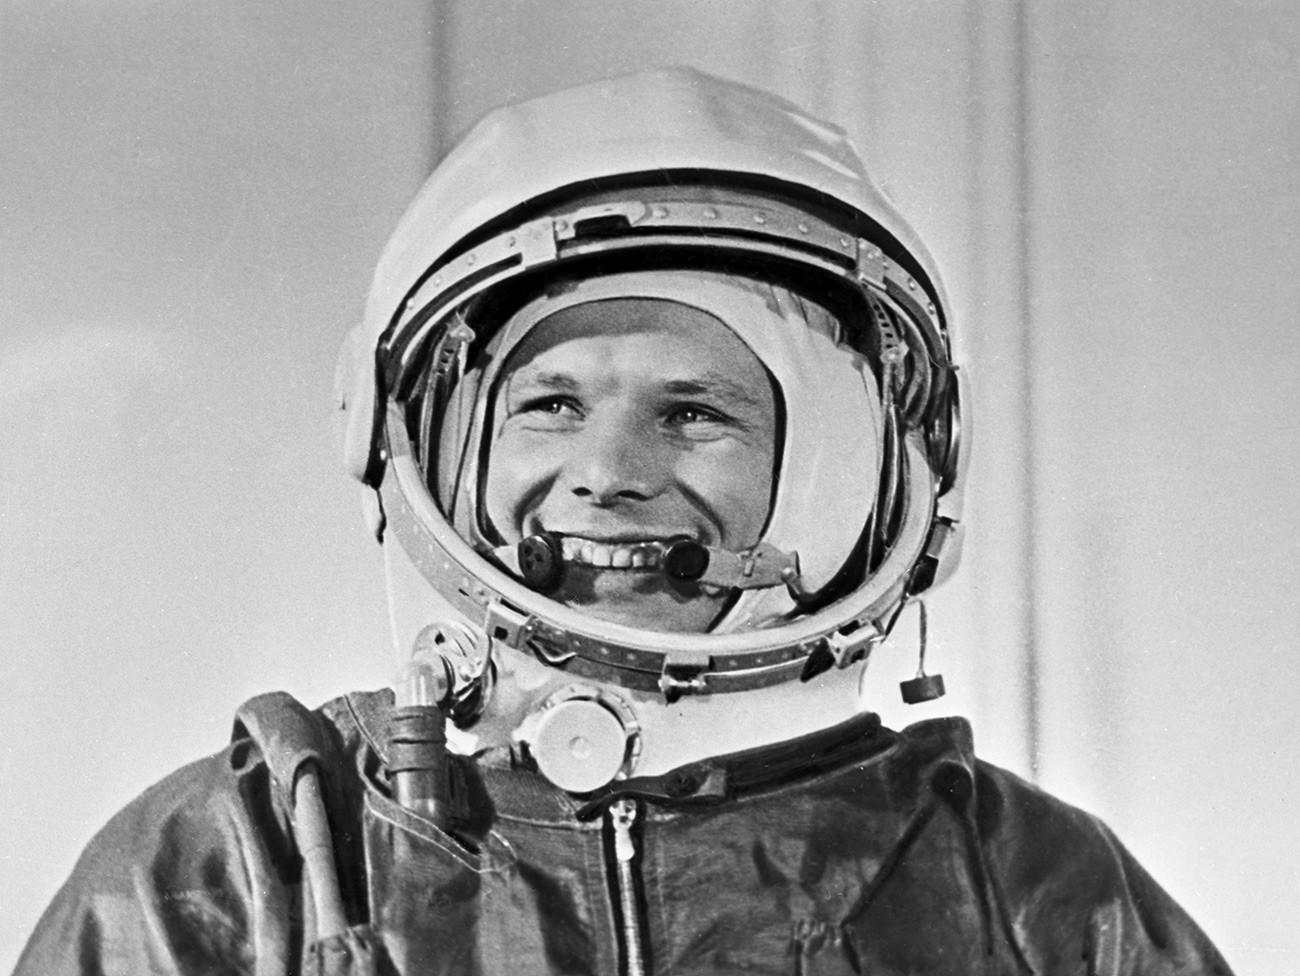 Il cosmonauta sovietico Yurij Gagarin, il primo uomo ad aver volato nello spazio